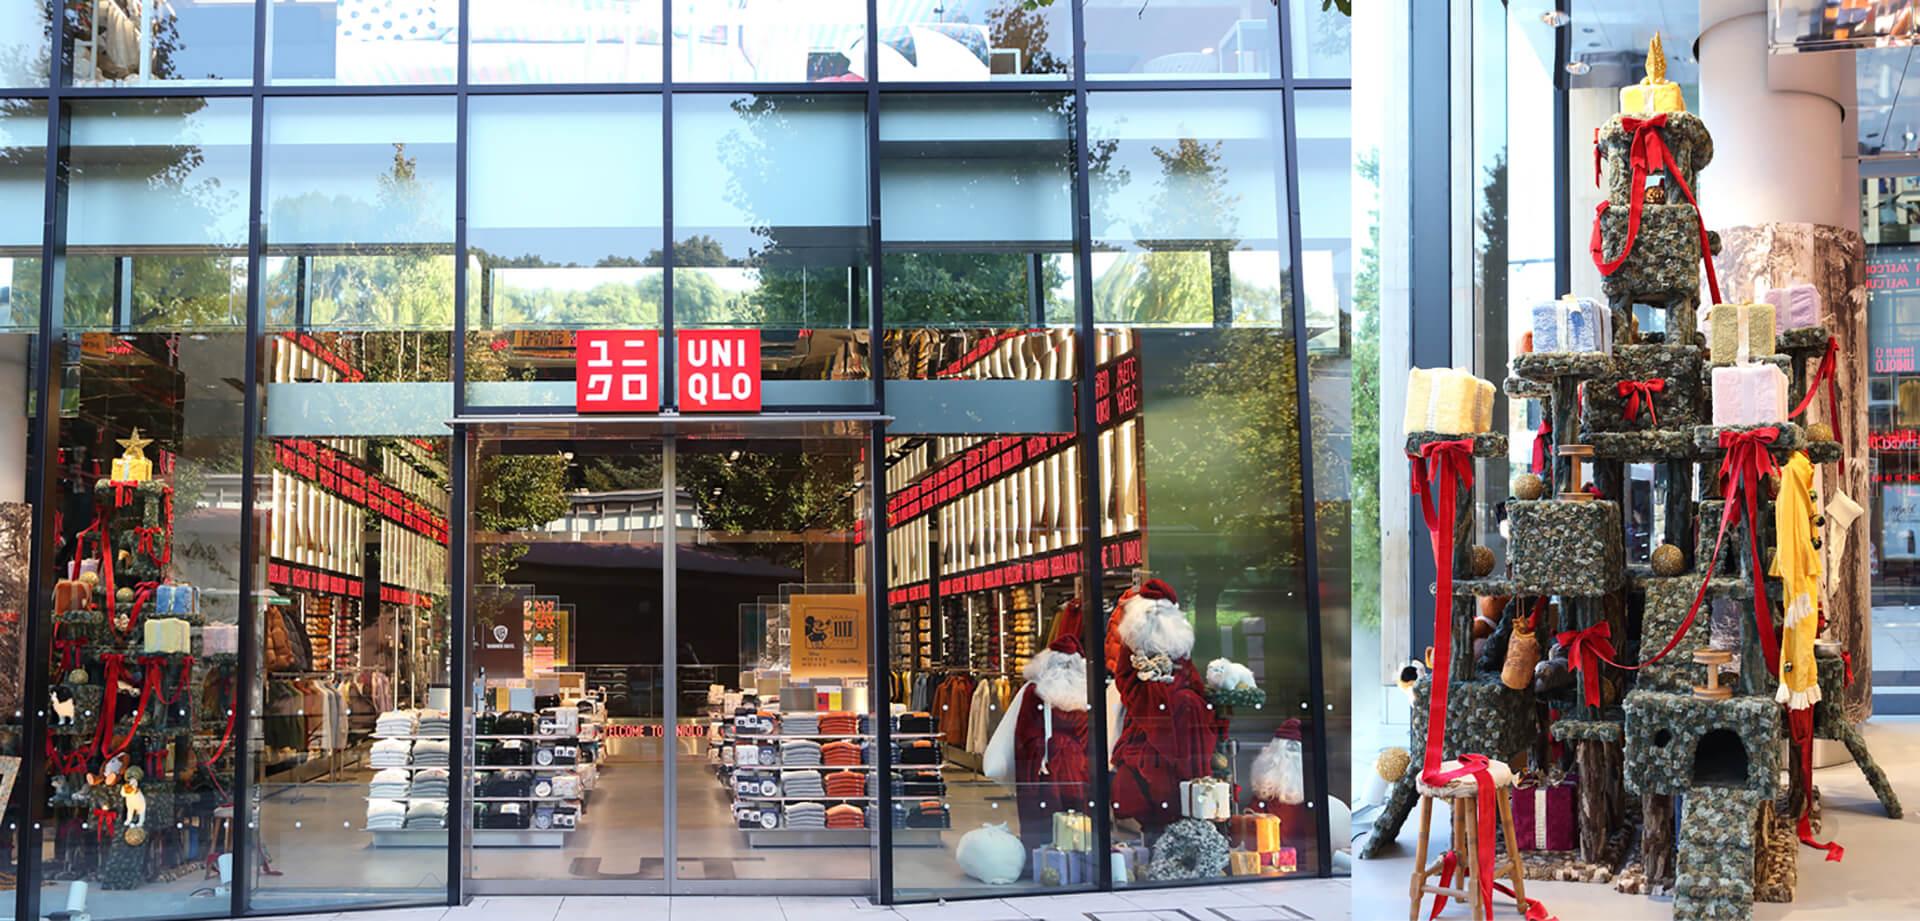 ユニクロ原宿店・クリスマスツリー